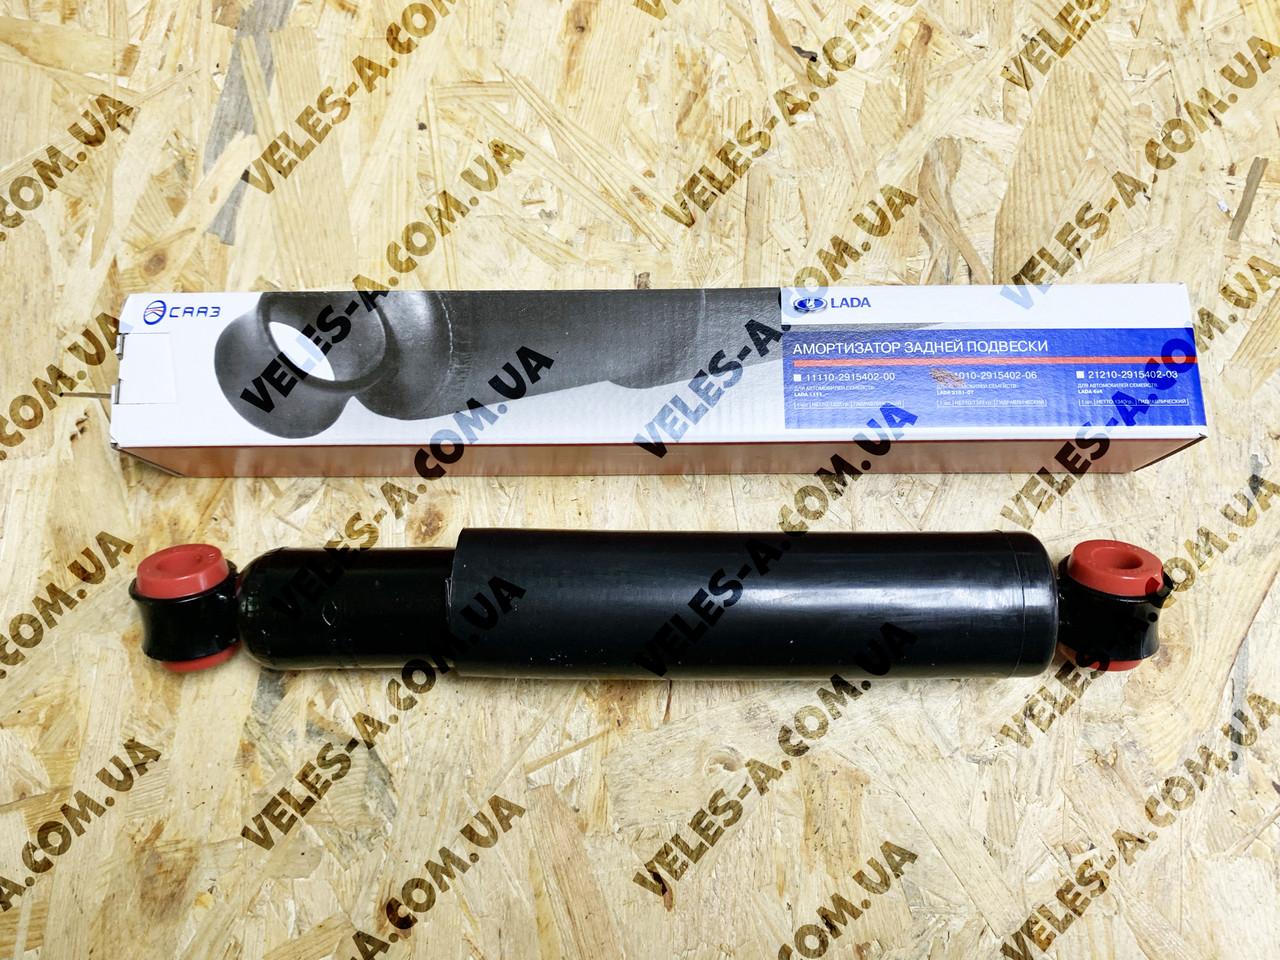 Амортизатор задній Ваз 2101, 2102, 2103, 2104, 2105, 2106, 2107 (олія) СААЗ